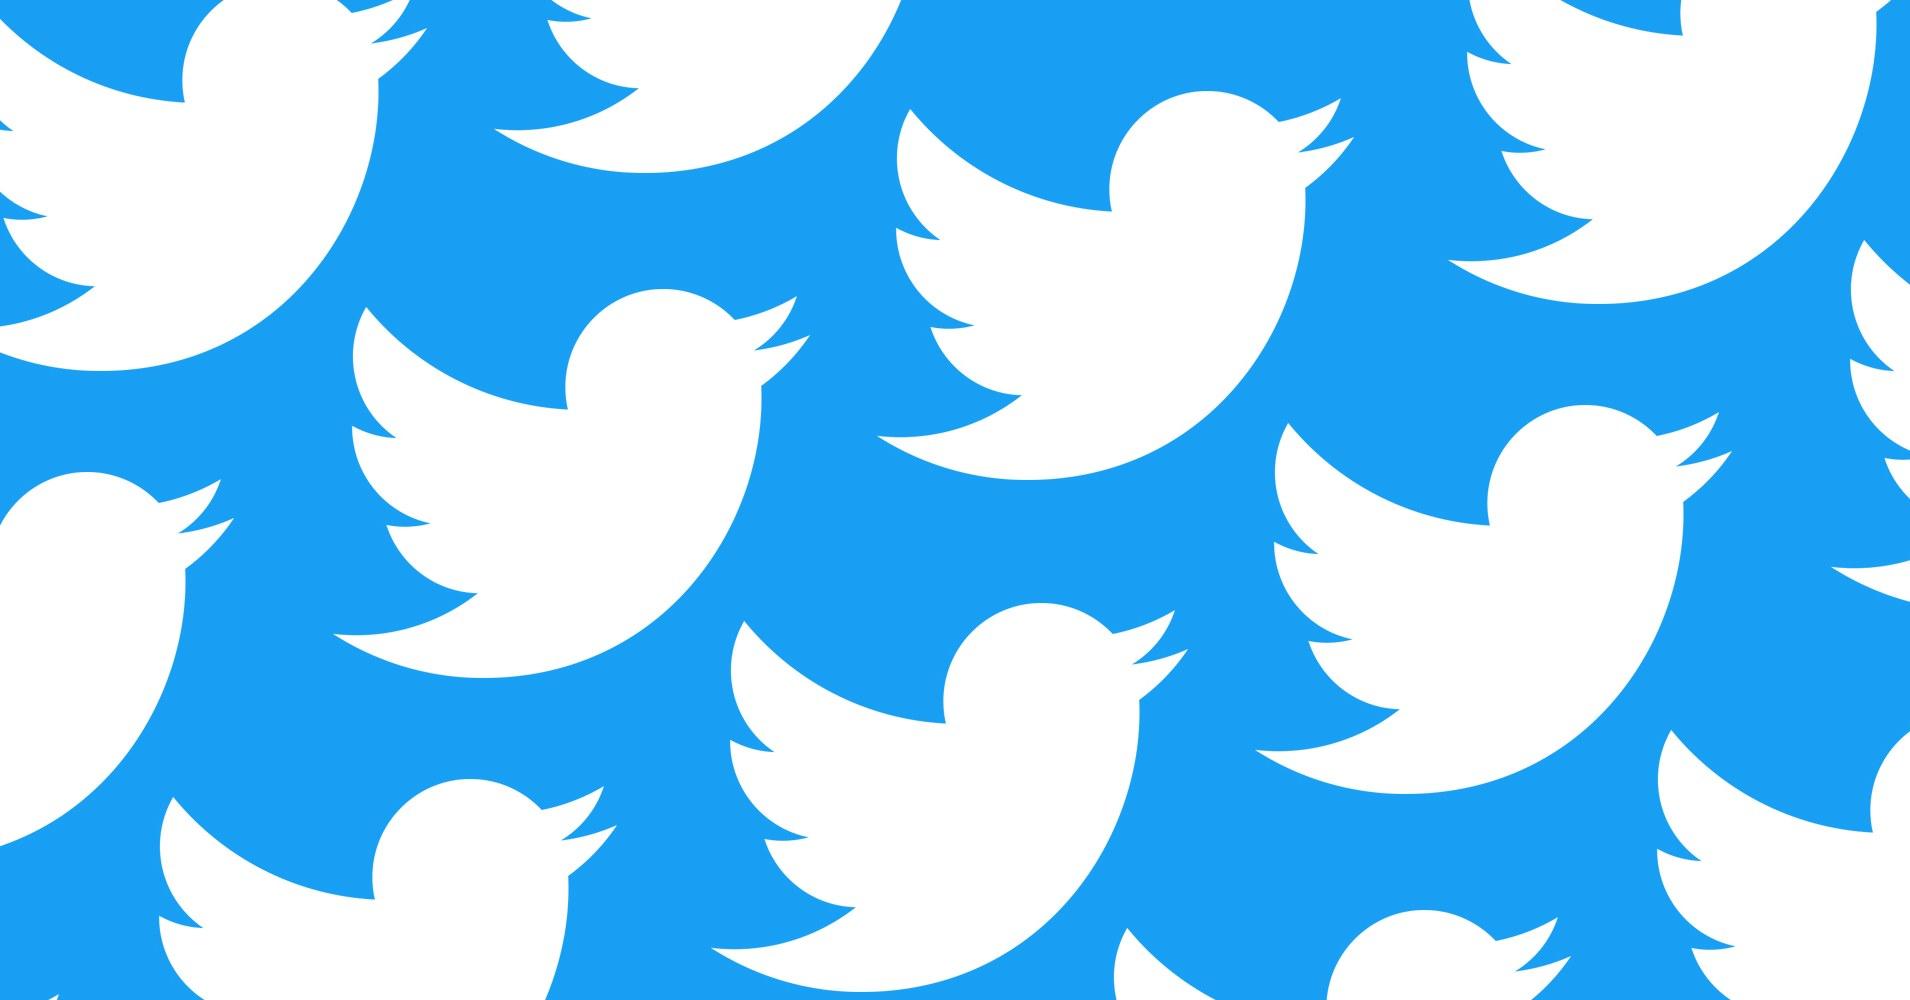 Акции Twitter упали почти на 4% после блокировки аккаунта Трампа